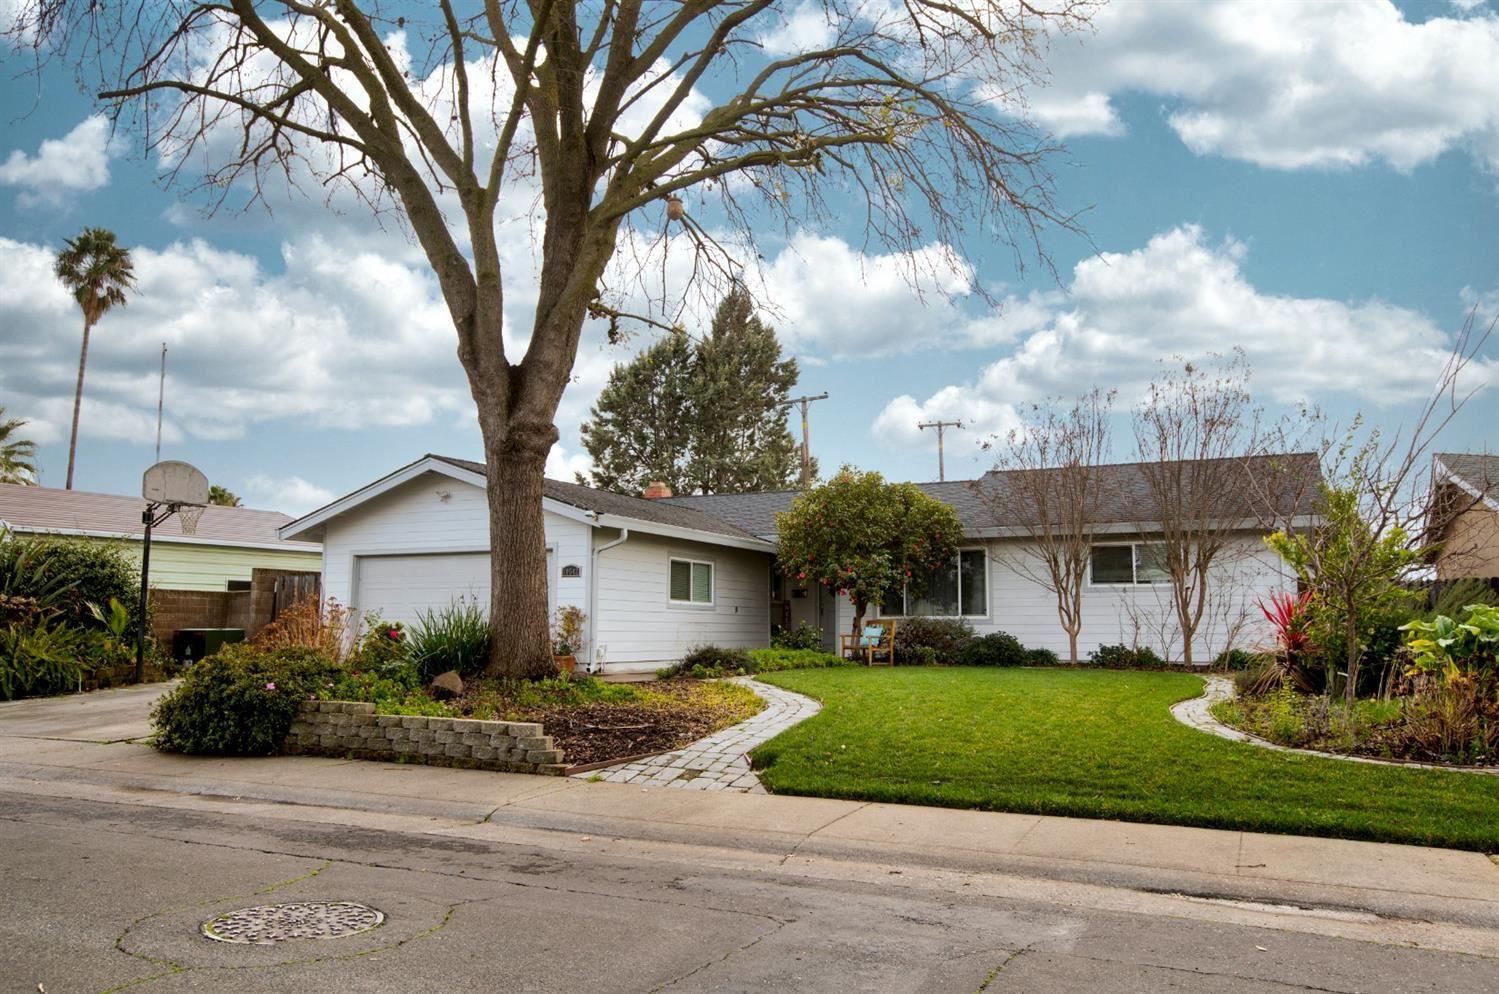 Photo of 10542 Italia Way, Rancho Cordova, CA 95670 (MLS # 221006191)